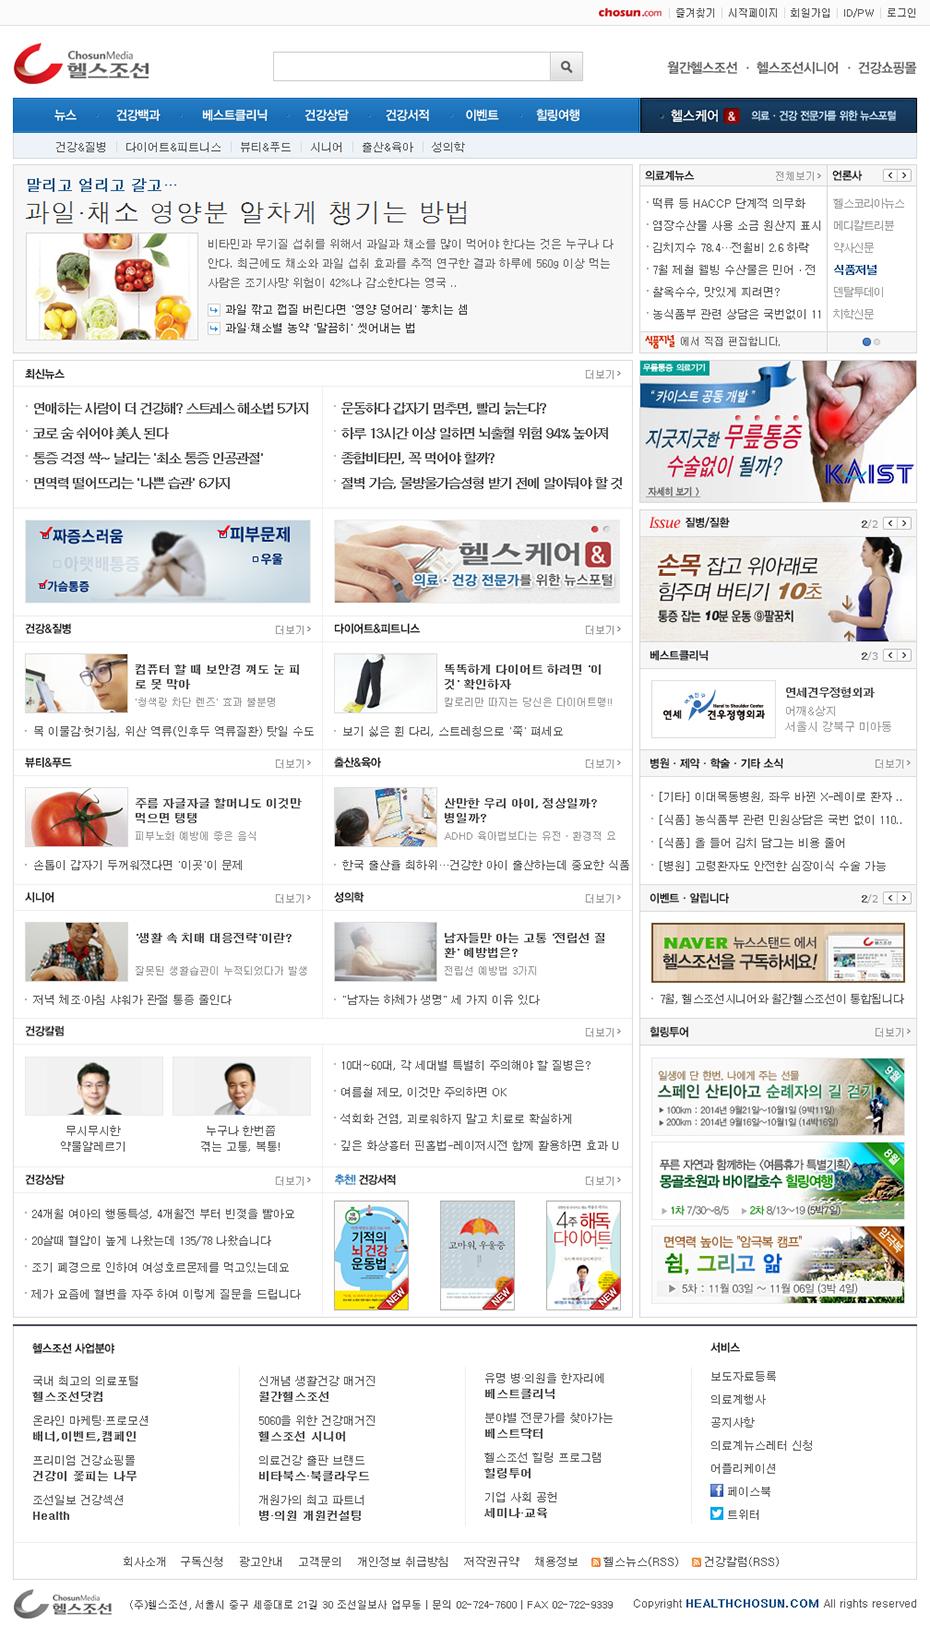 2014년 헬스조선닷컴